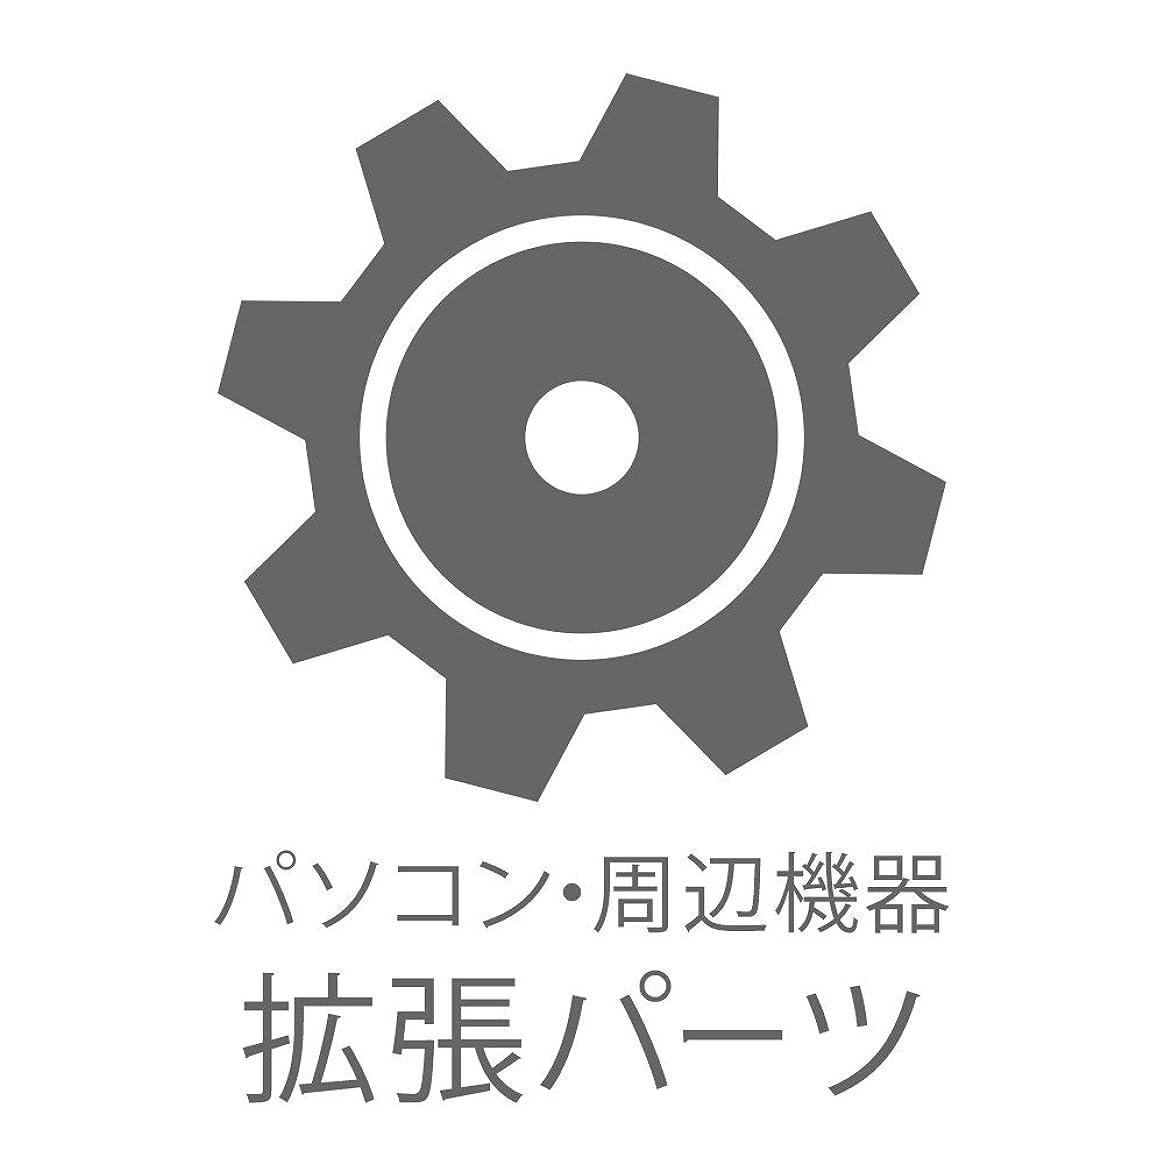 キラウエア山尾ラッドヤードキップリングアライドテレシス AT-SBx31XZ4-Y3 拡張モジュール 0695RY3